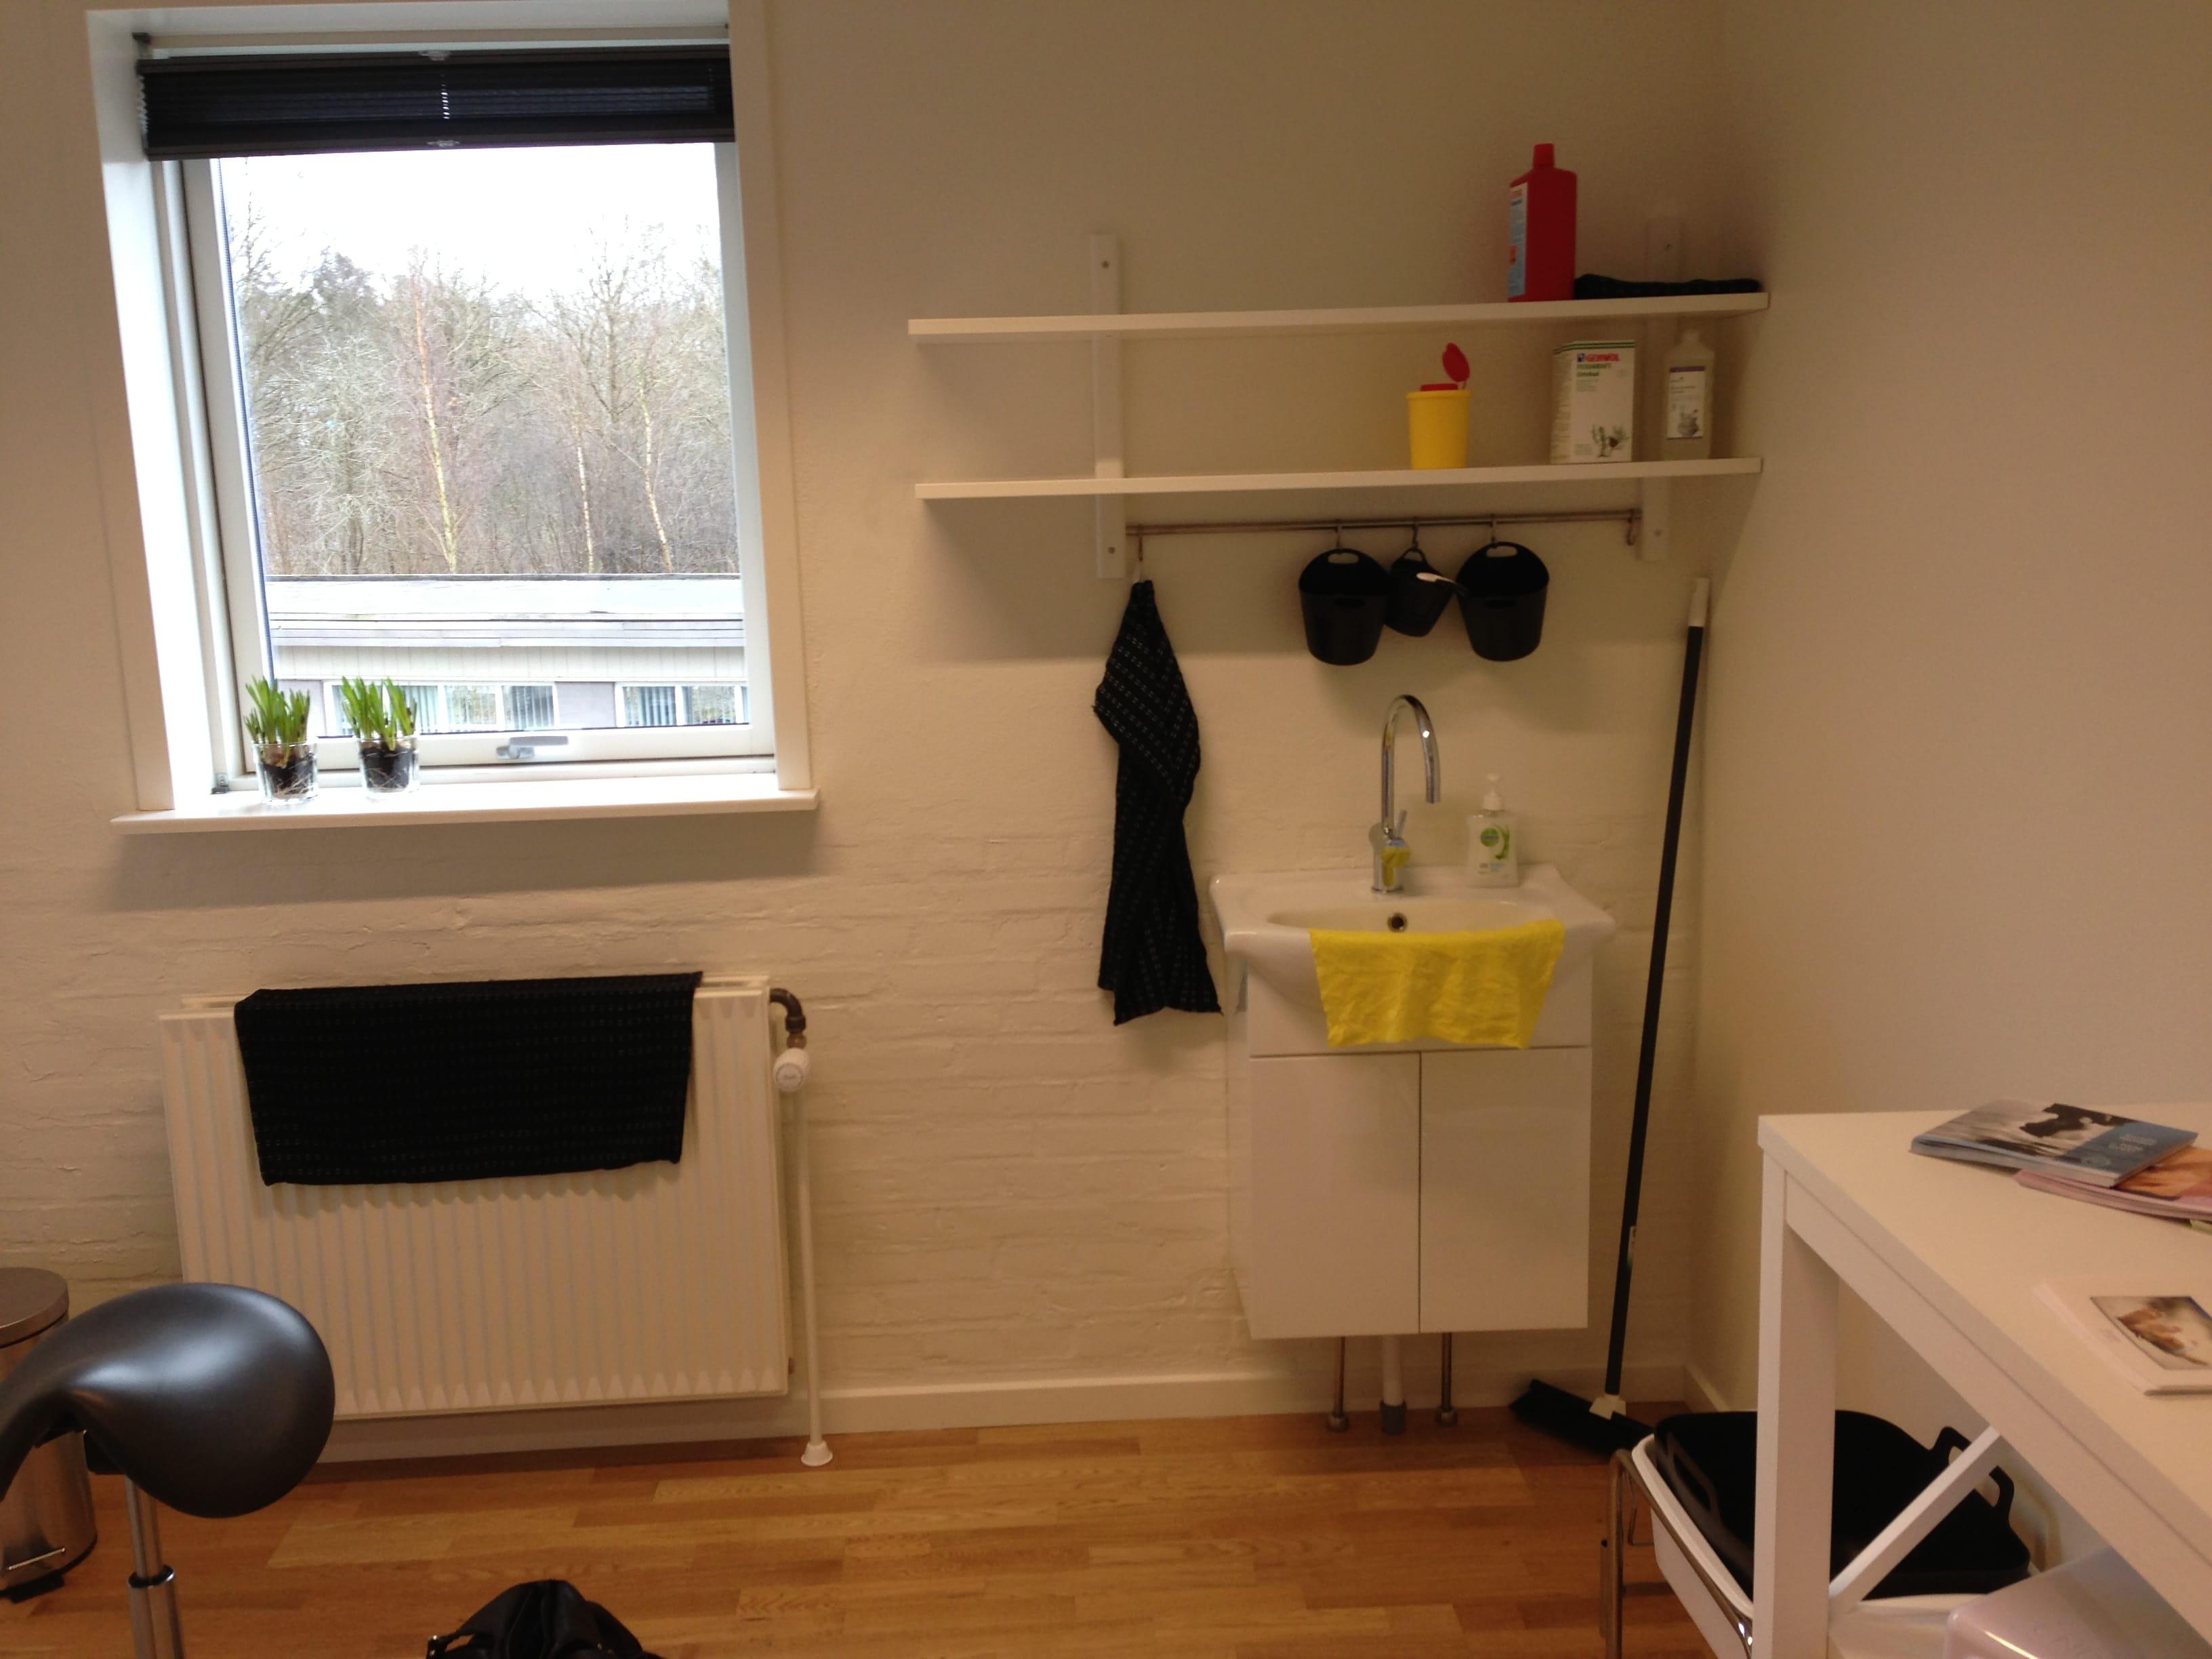 Klinikken hos Silkeborg fodterapi